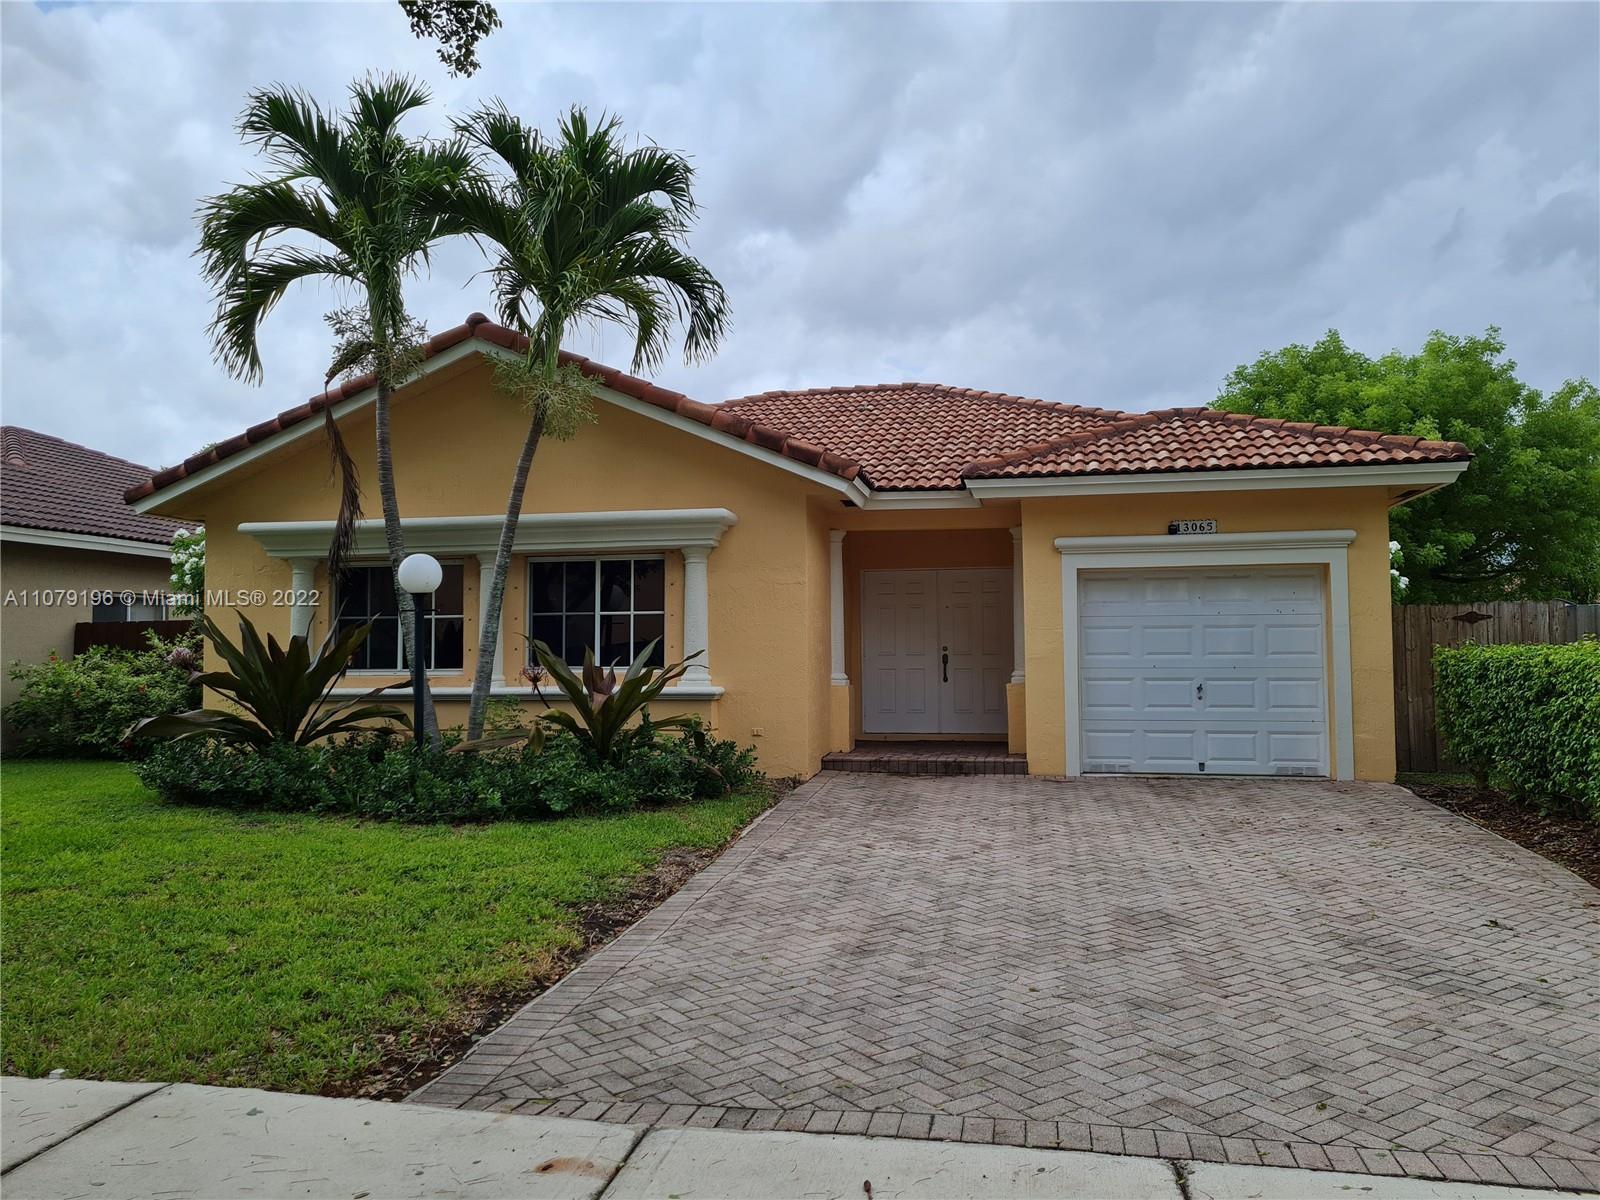 Twin Lake - 13065 SW 142nd Ter, Miami, FL 33186